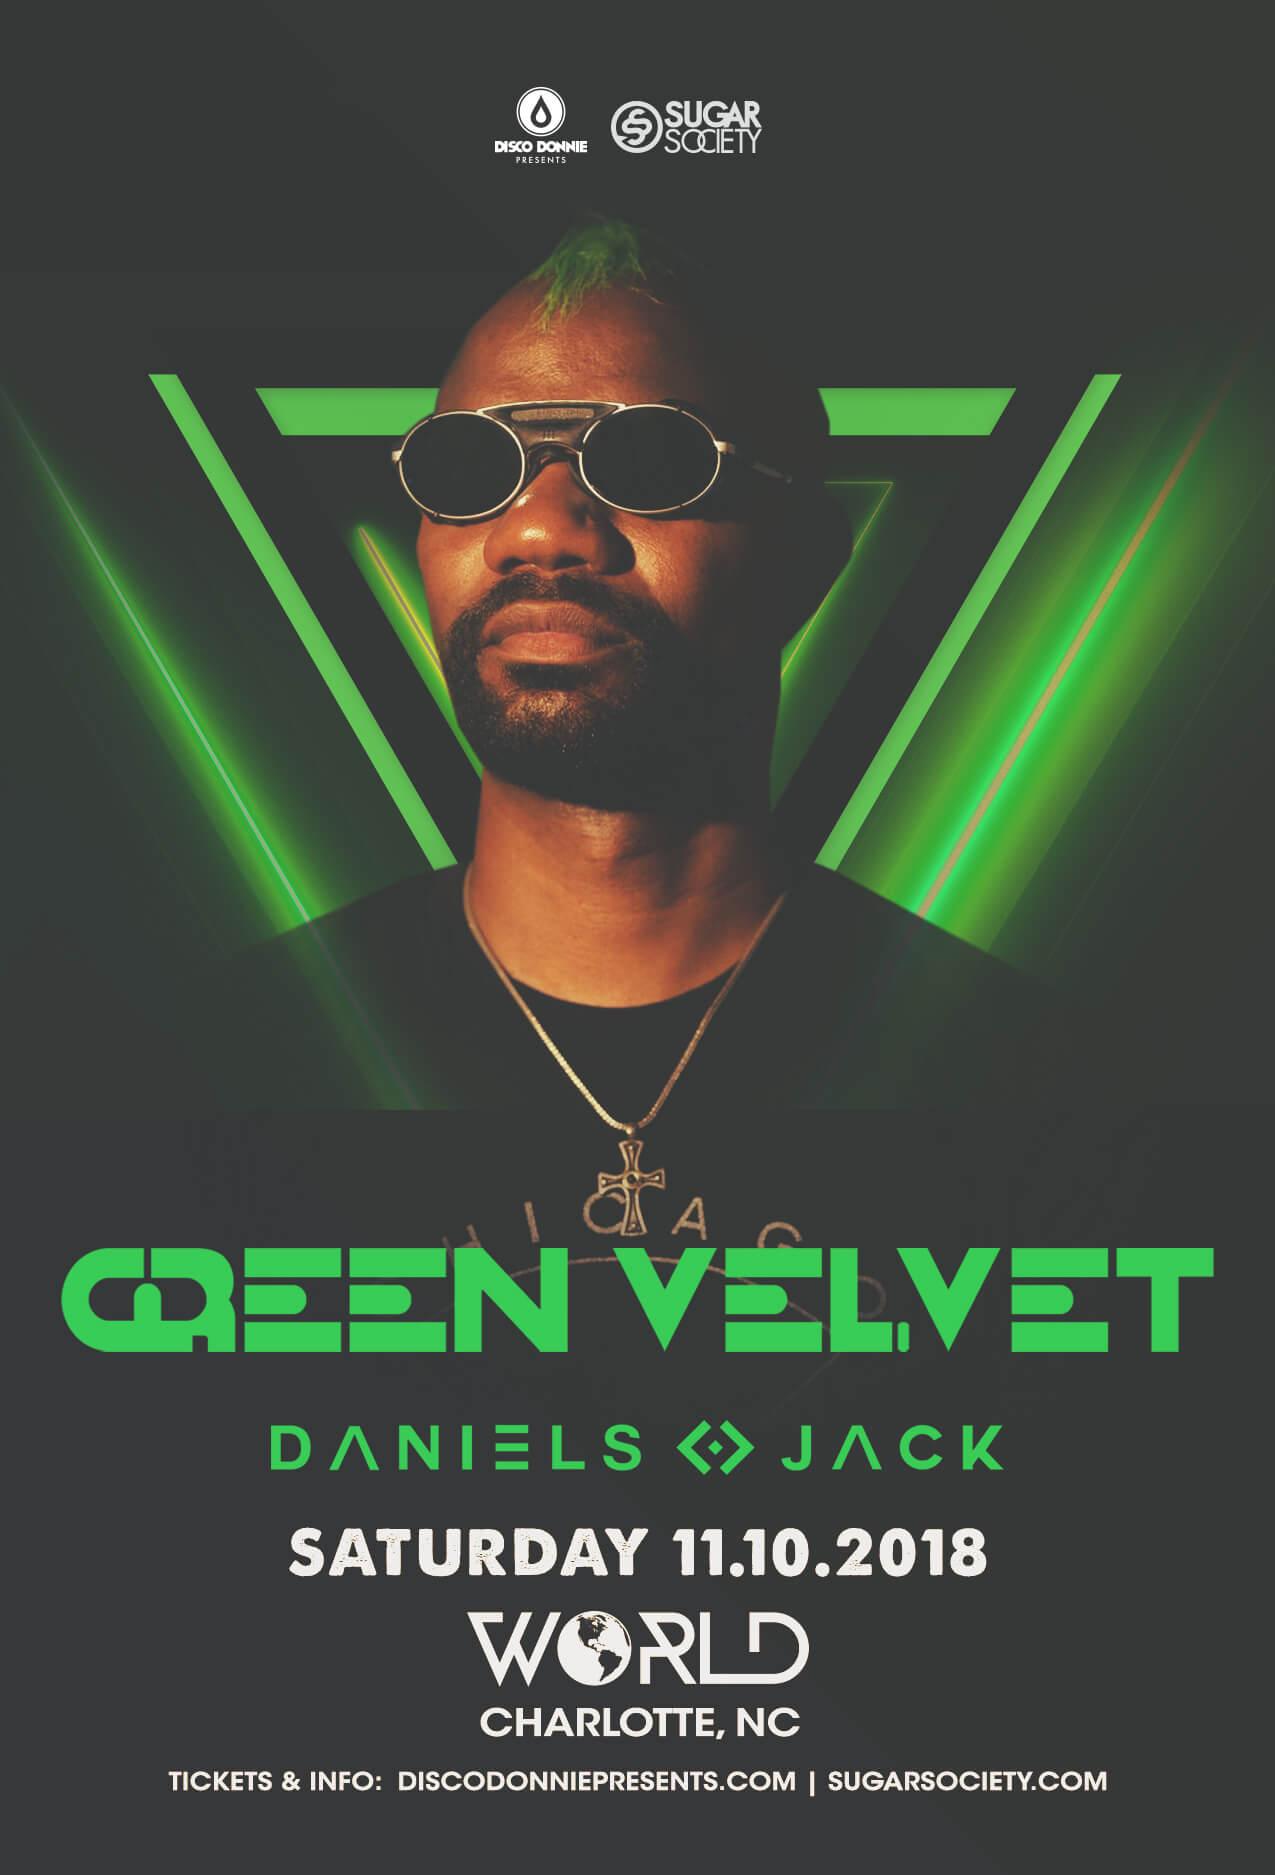 Green Velvet in Charlotte